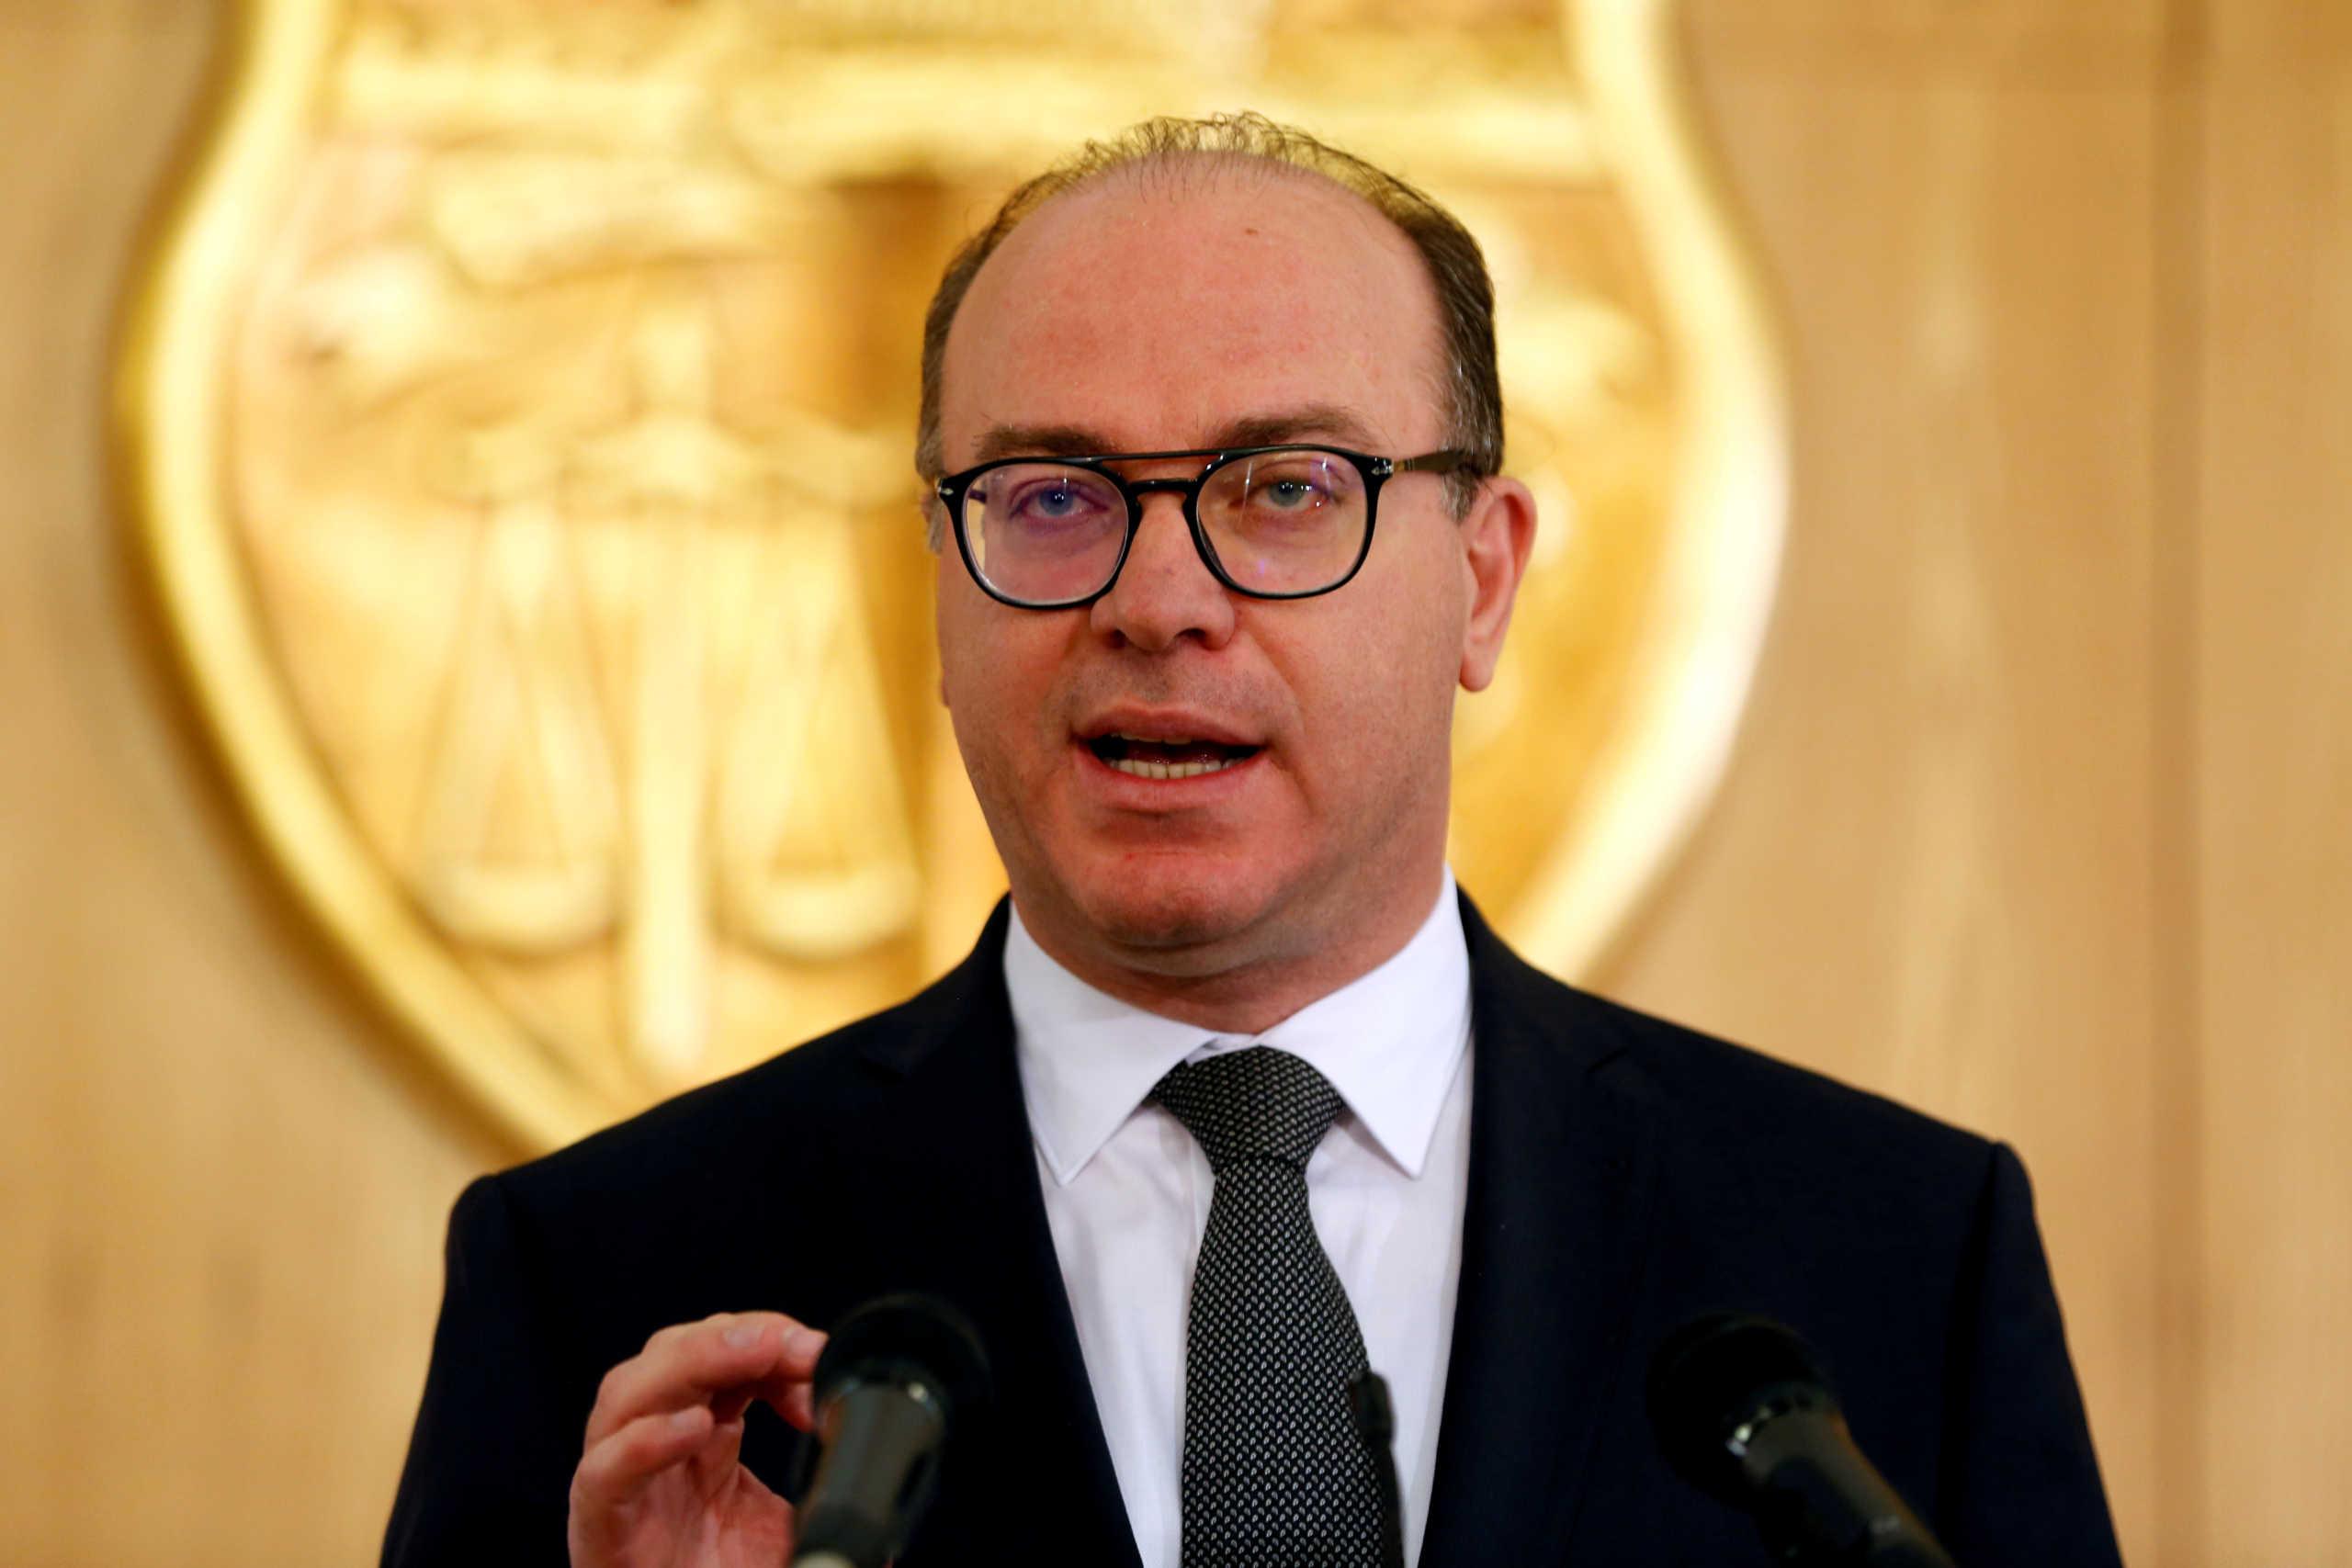 Κορονοϊός: Έκτακτες εξουσίες στον πρωθυπουργό της Τυνησίας για τη διαχείριση της κρίσης